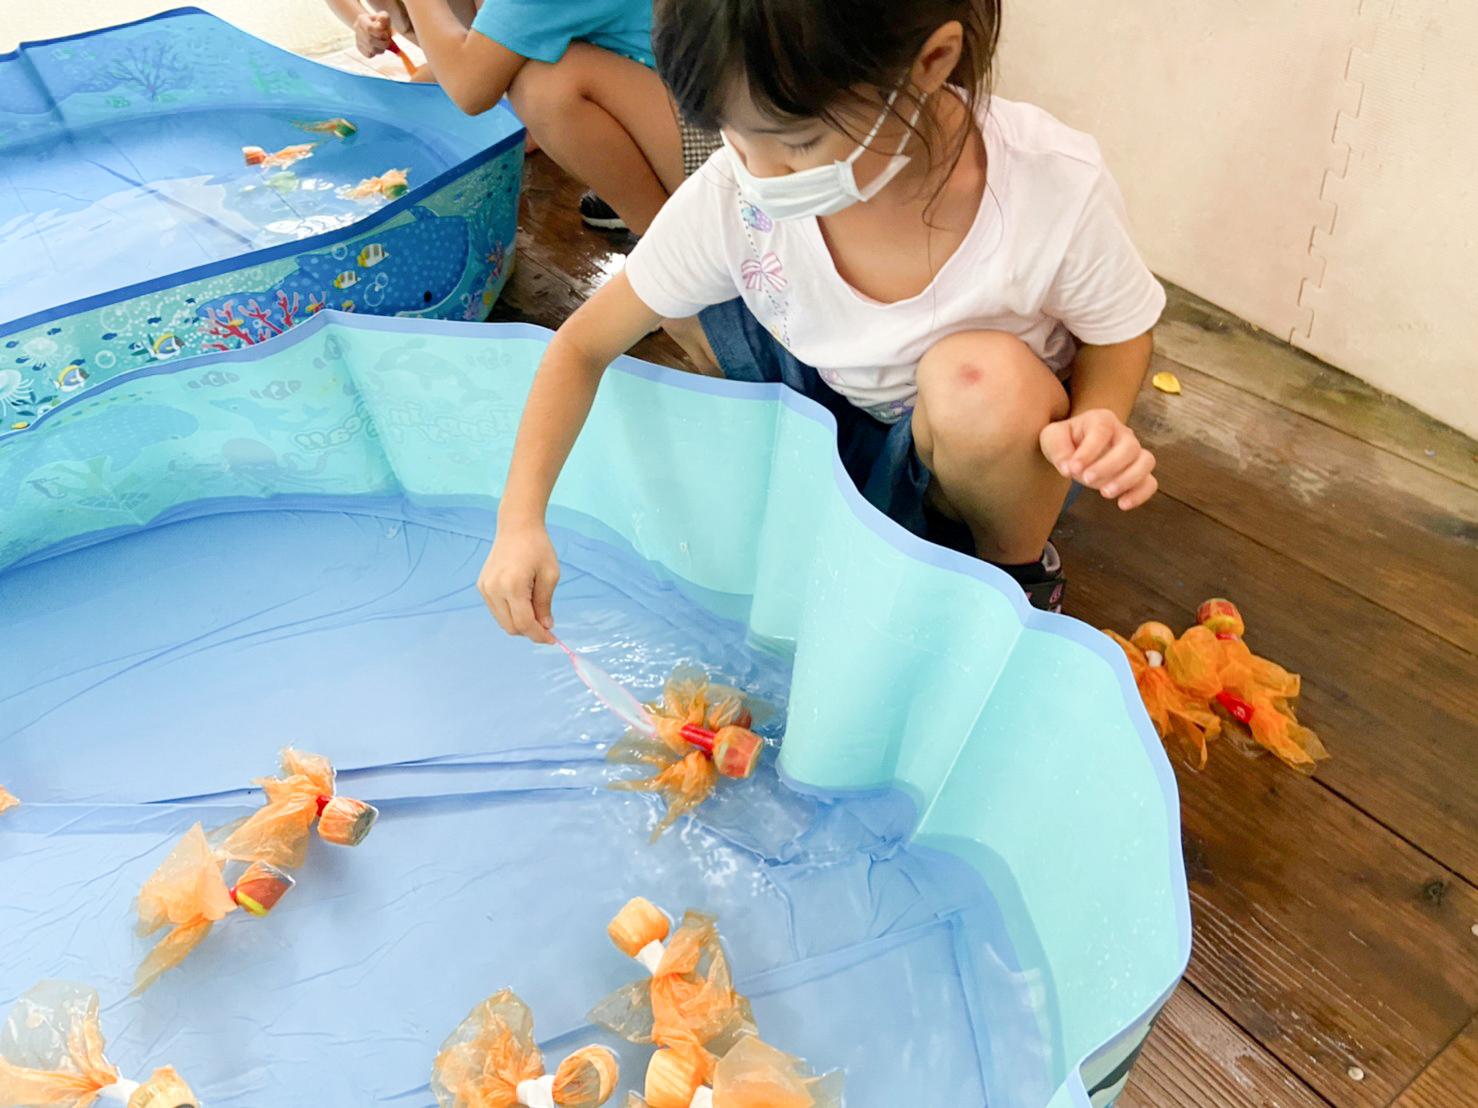 てづくり金魚すくいで遊ぼう!@tida